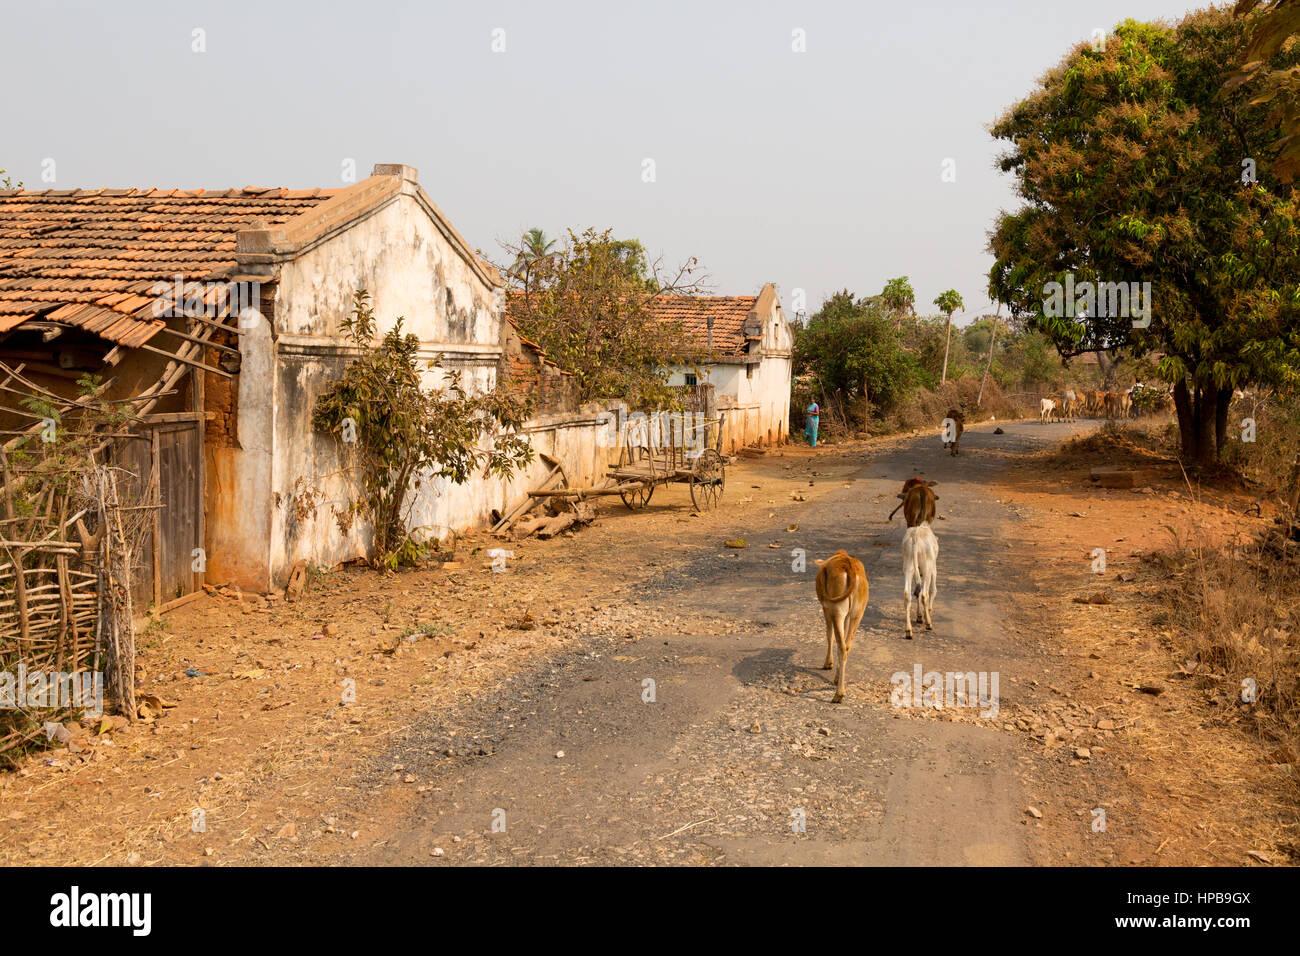 India village street scene, nello Stato del Maharashtra, India, Asia Immagini Stock